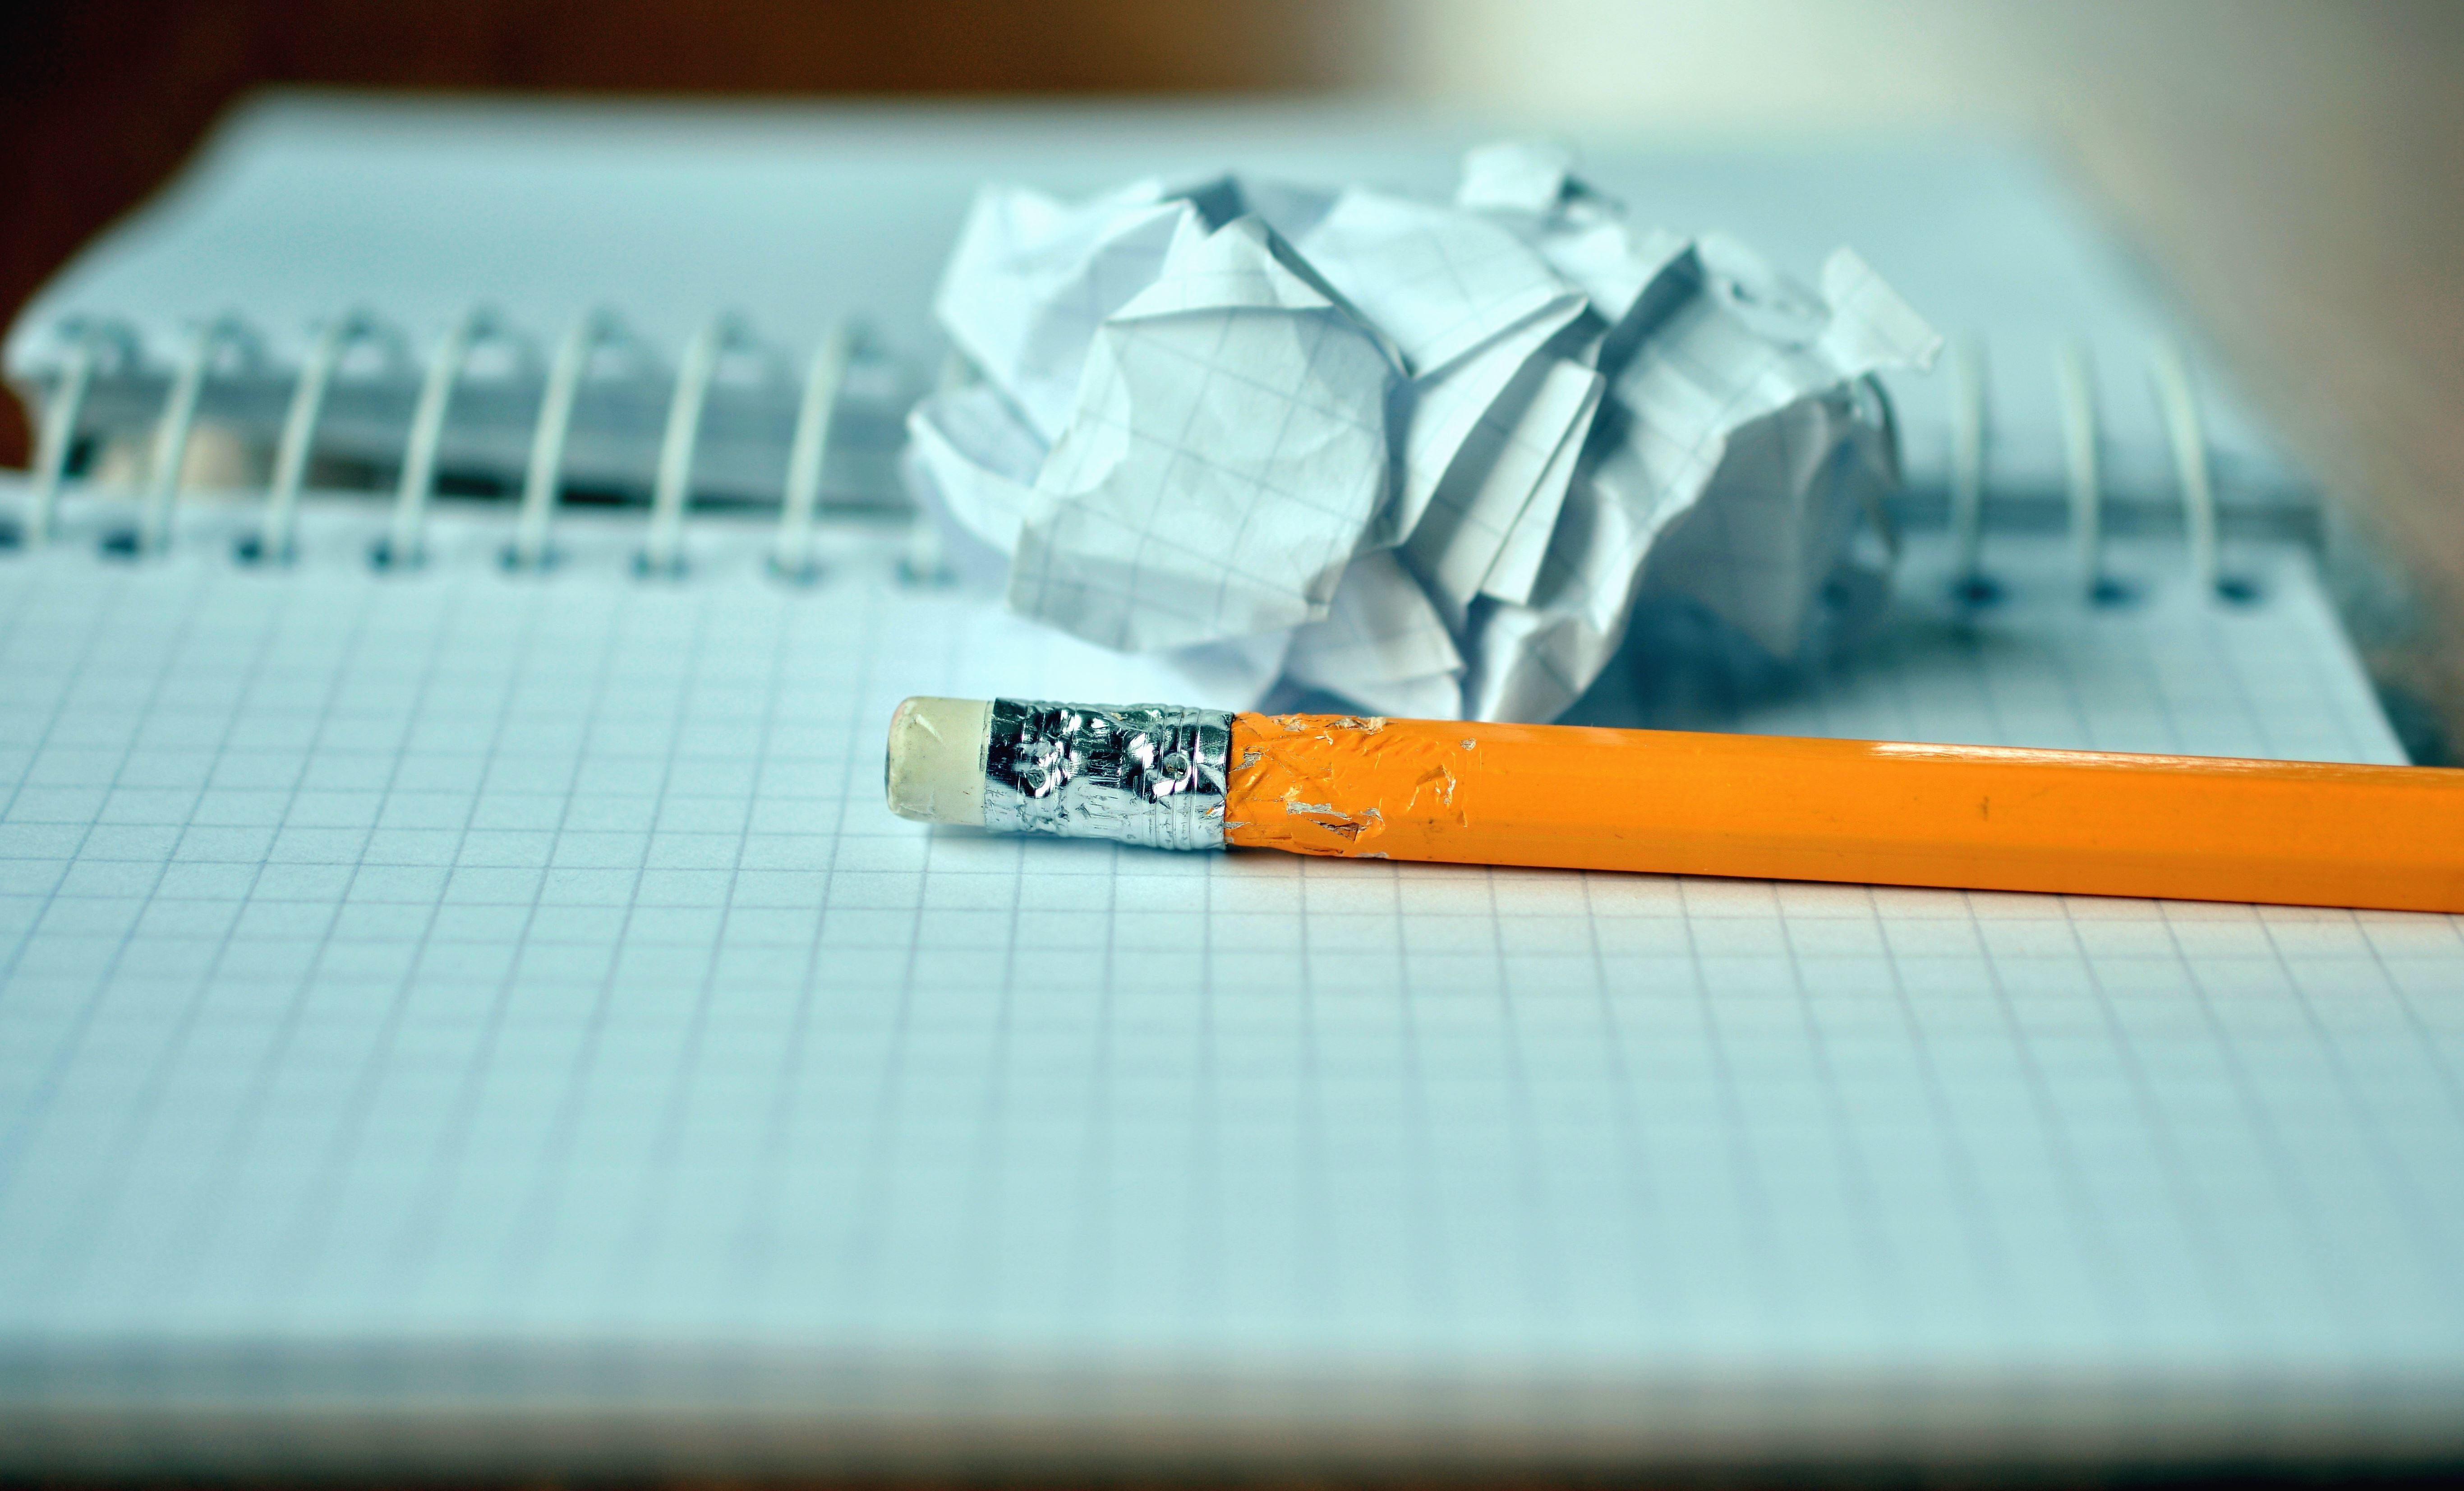 free picture  pencil  graphite  eraser  paper  note